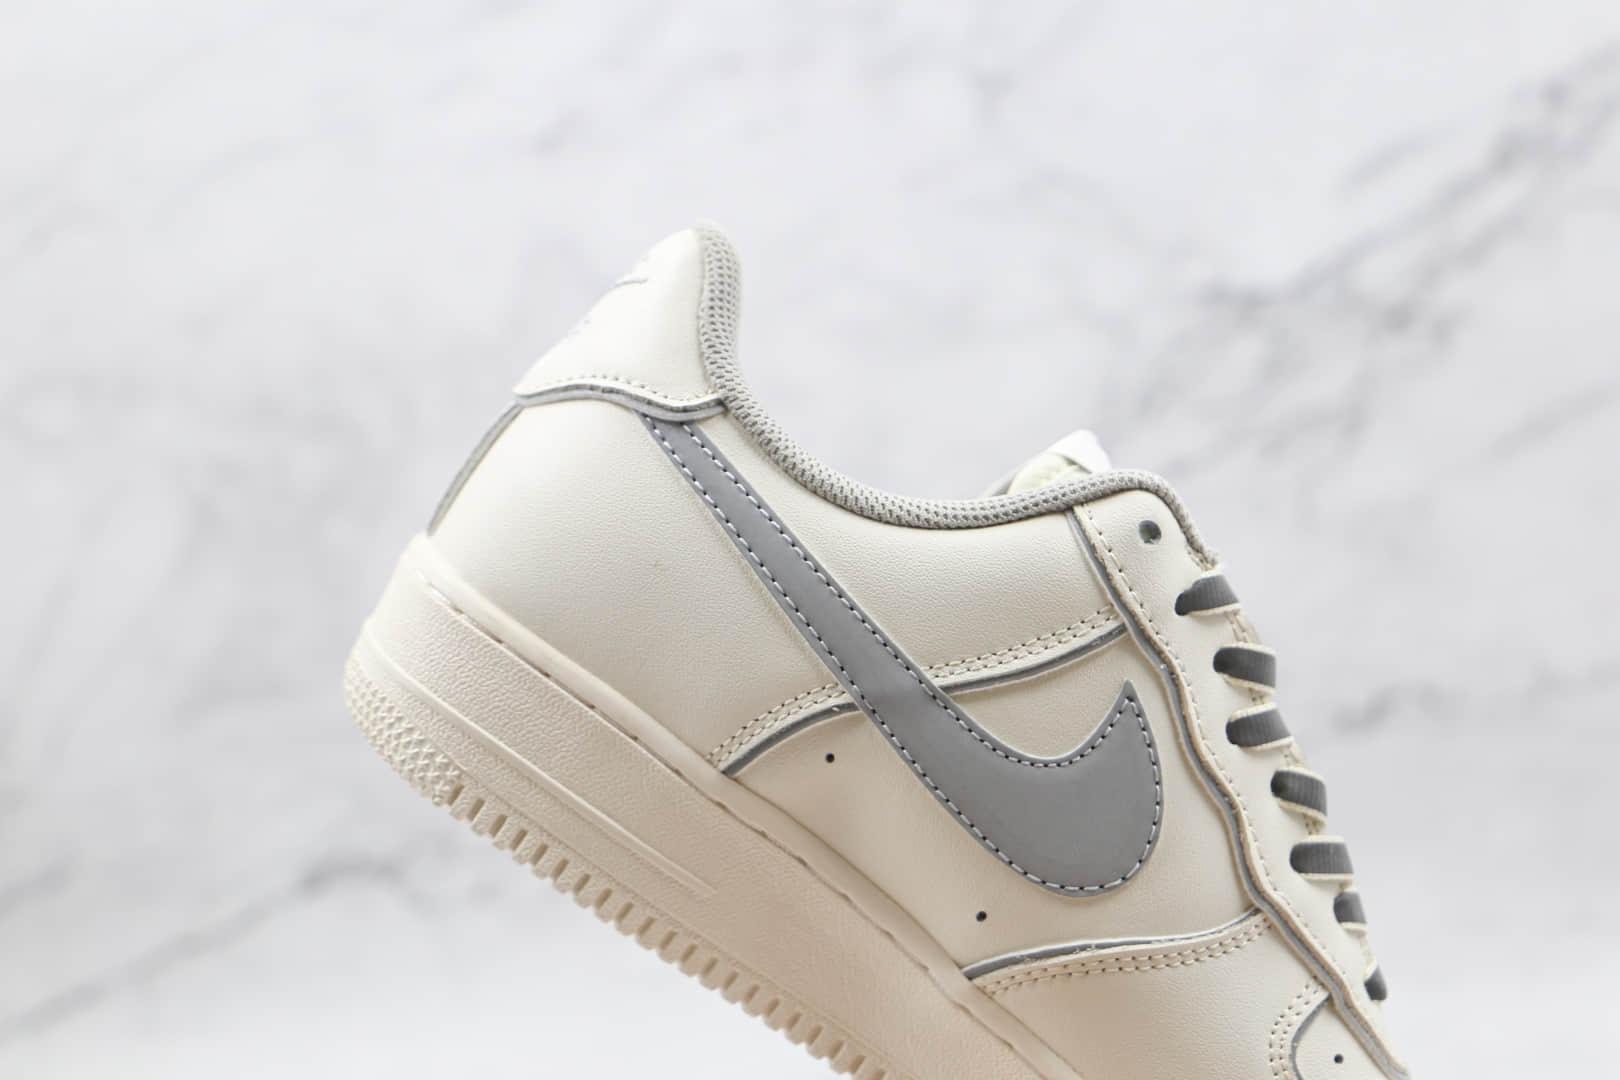 耐克Nike Air Force 1 Low '07纯原版本空军一号低帮AF1白灰色3M反光内置solo气垫 货号:BQ8228-366